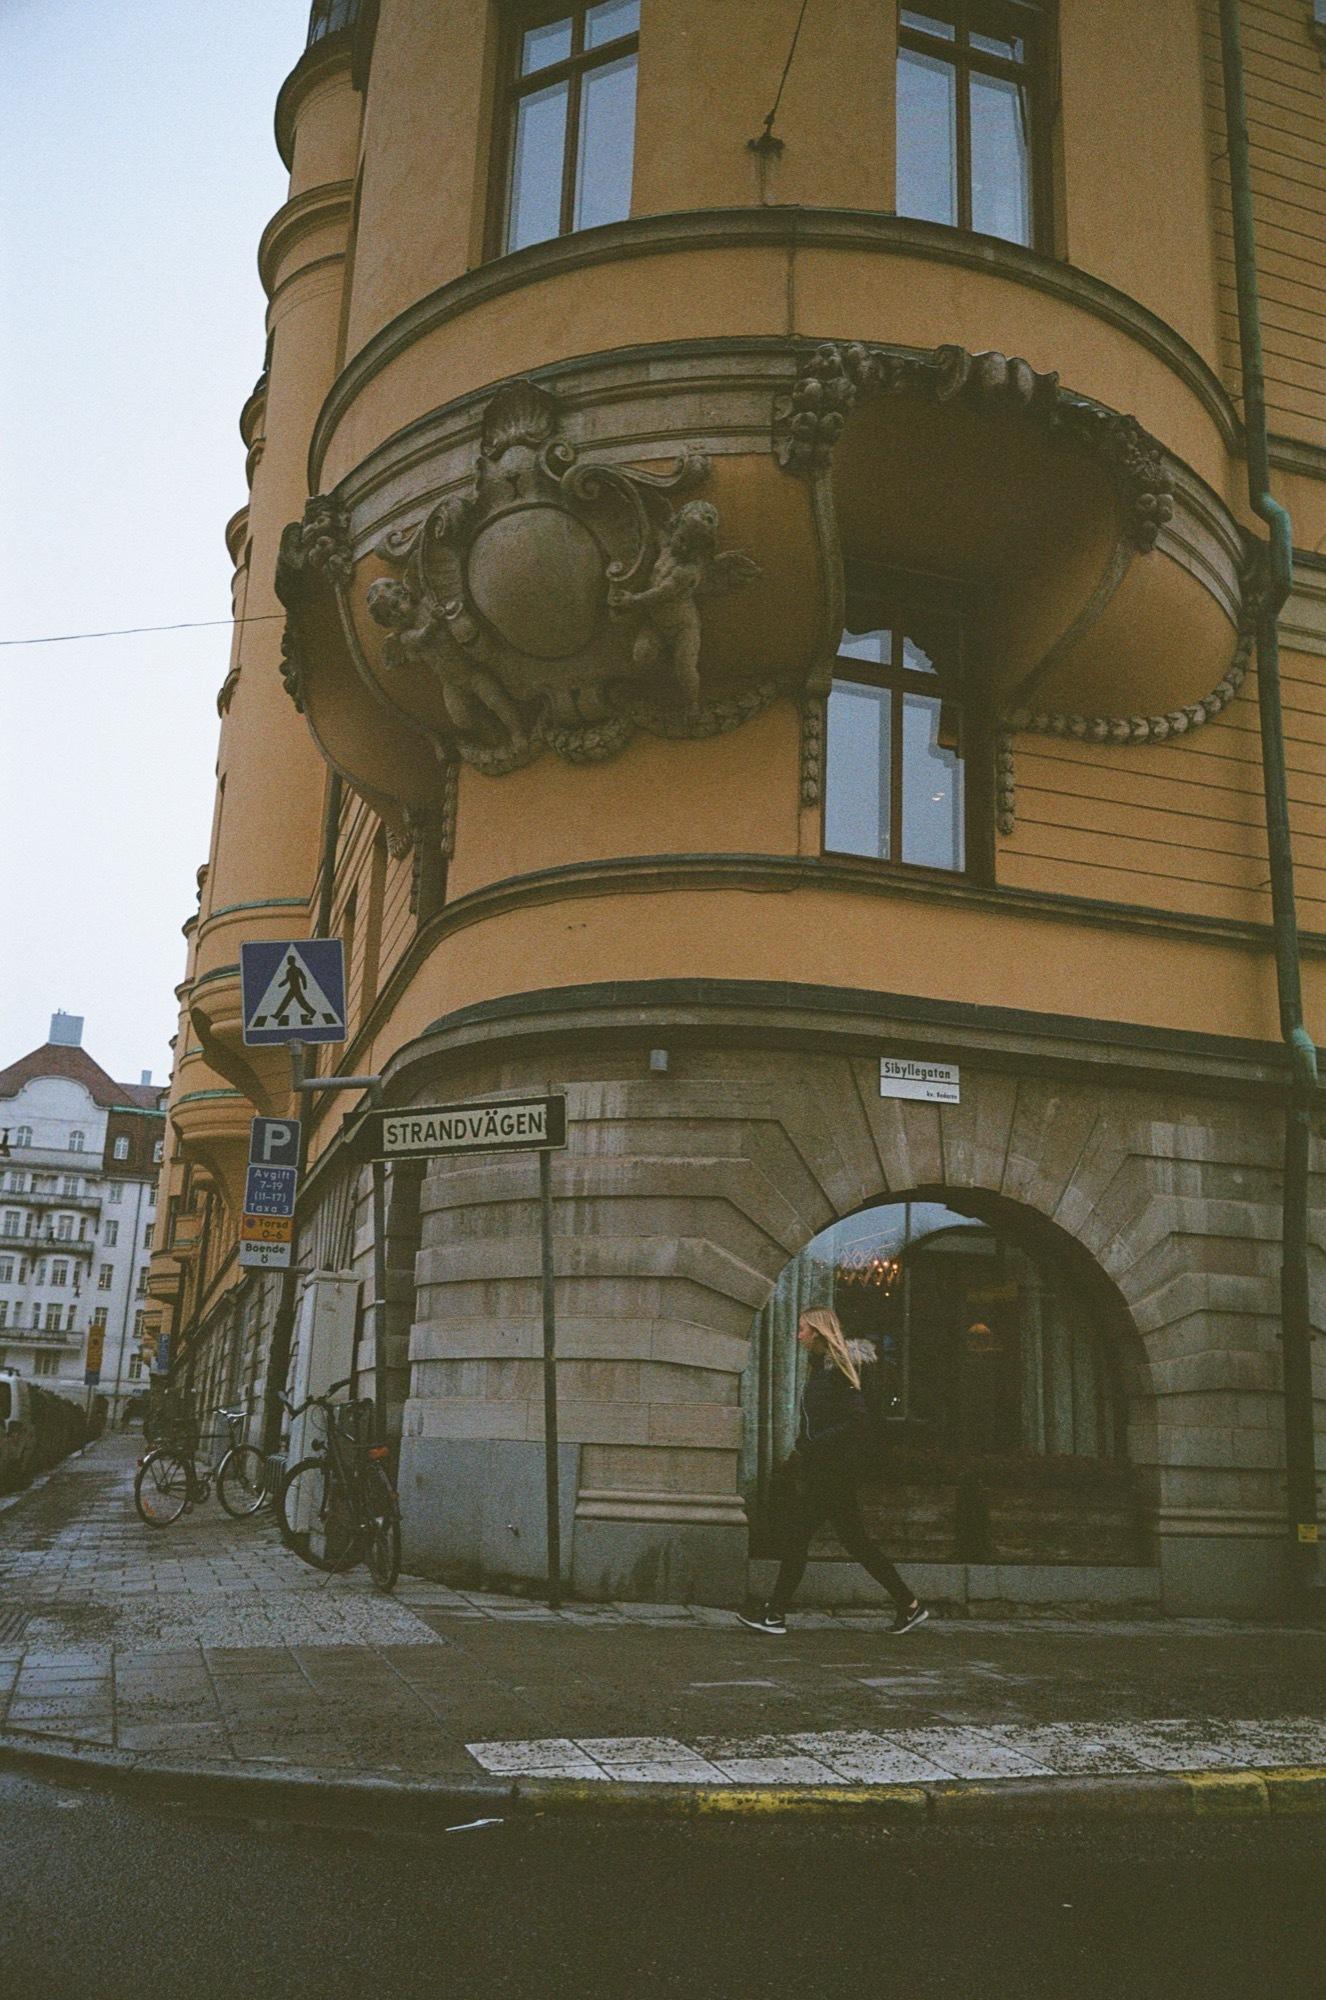 cameraville_leica_mda_stockholm_avenon_28mm_kodak_gold_400_6.jpg